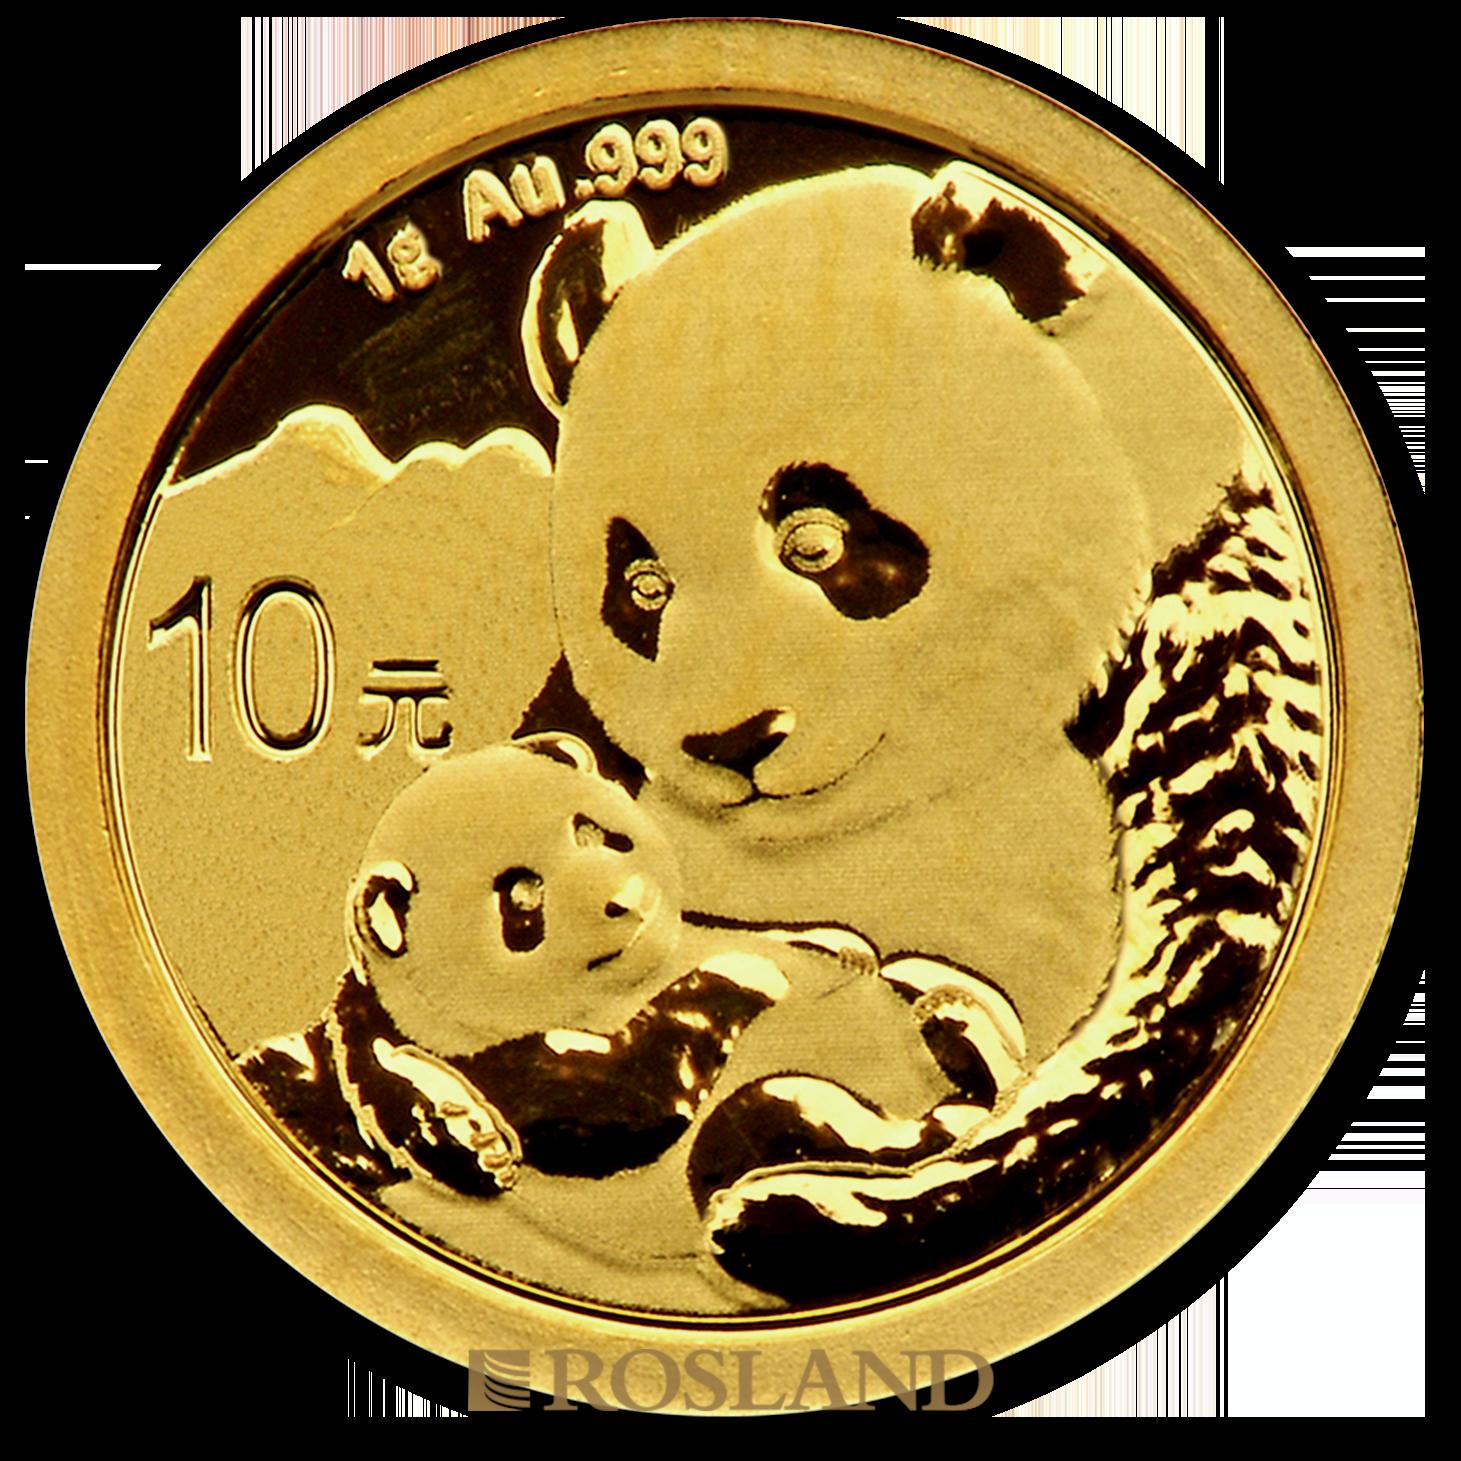 1 Gramm Goldmünze China Panda 2019